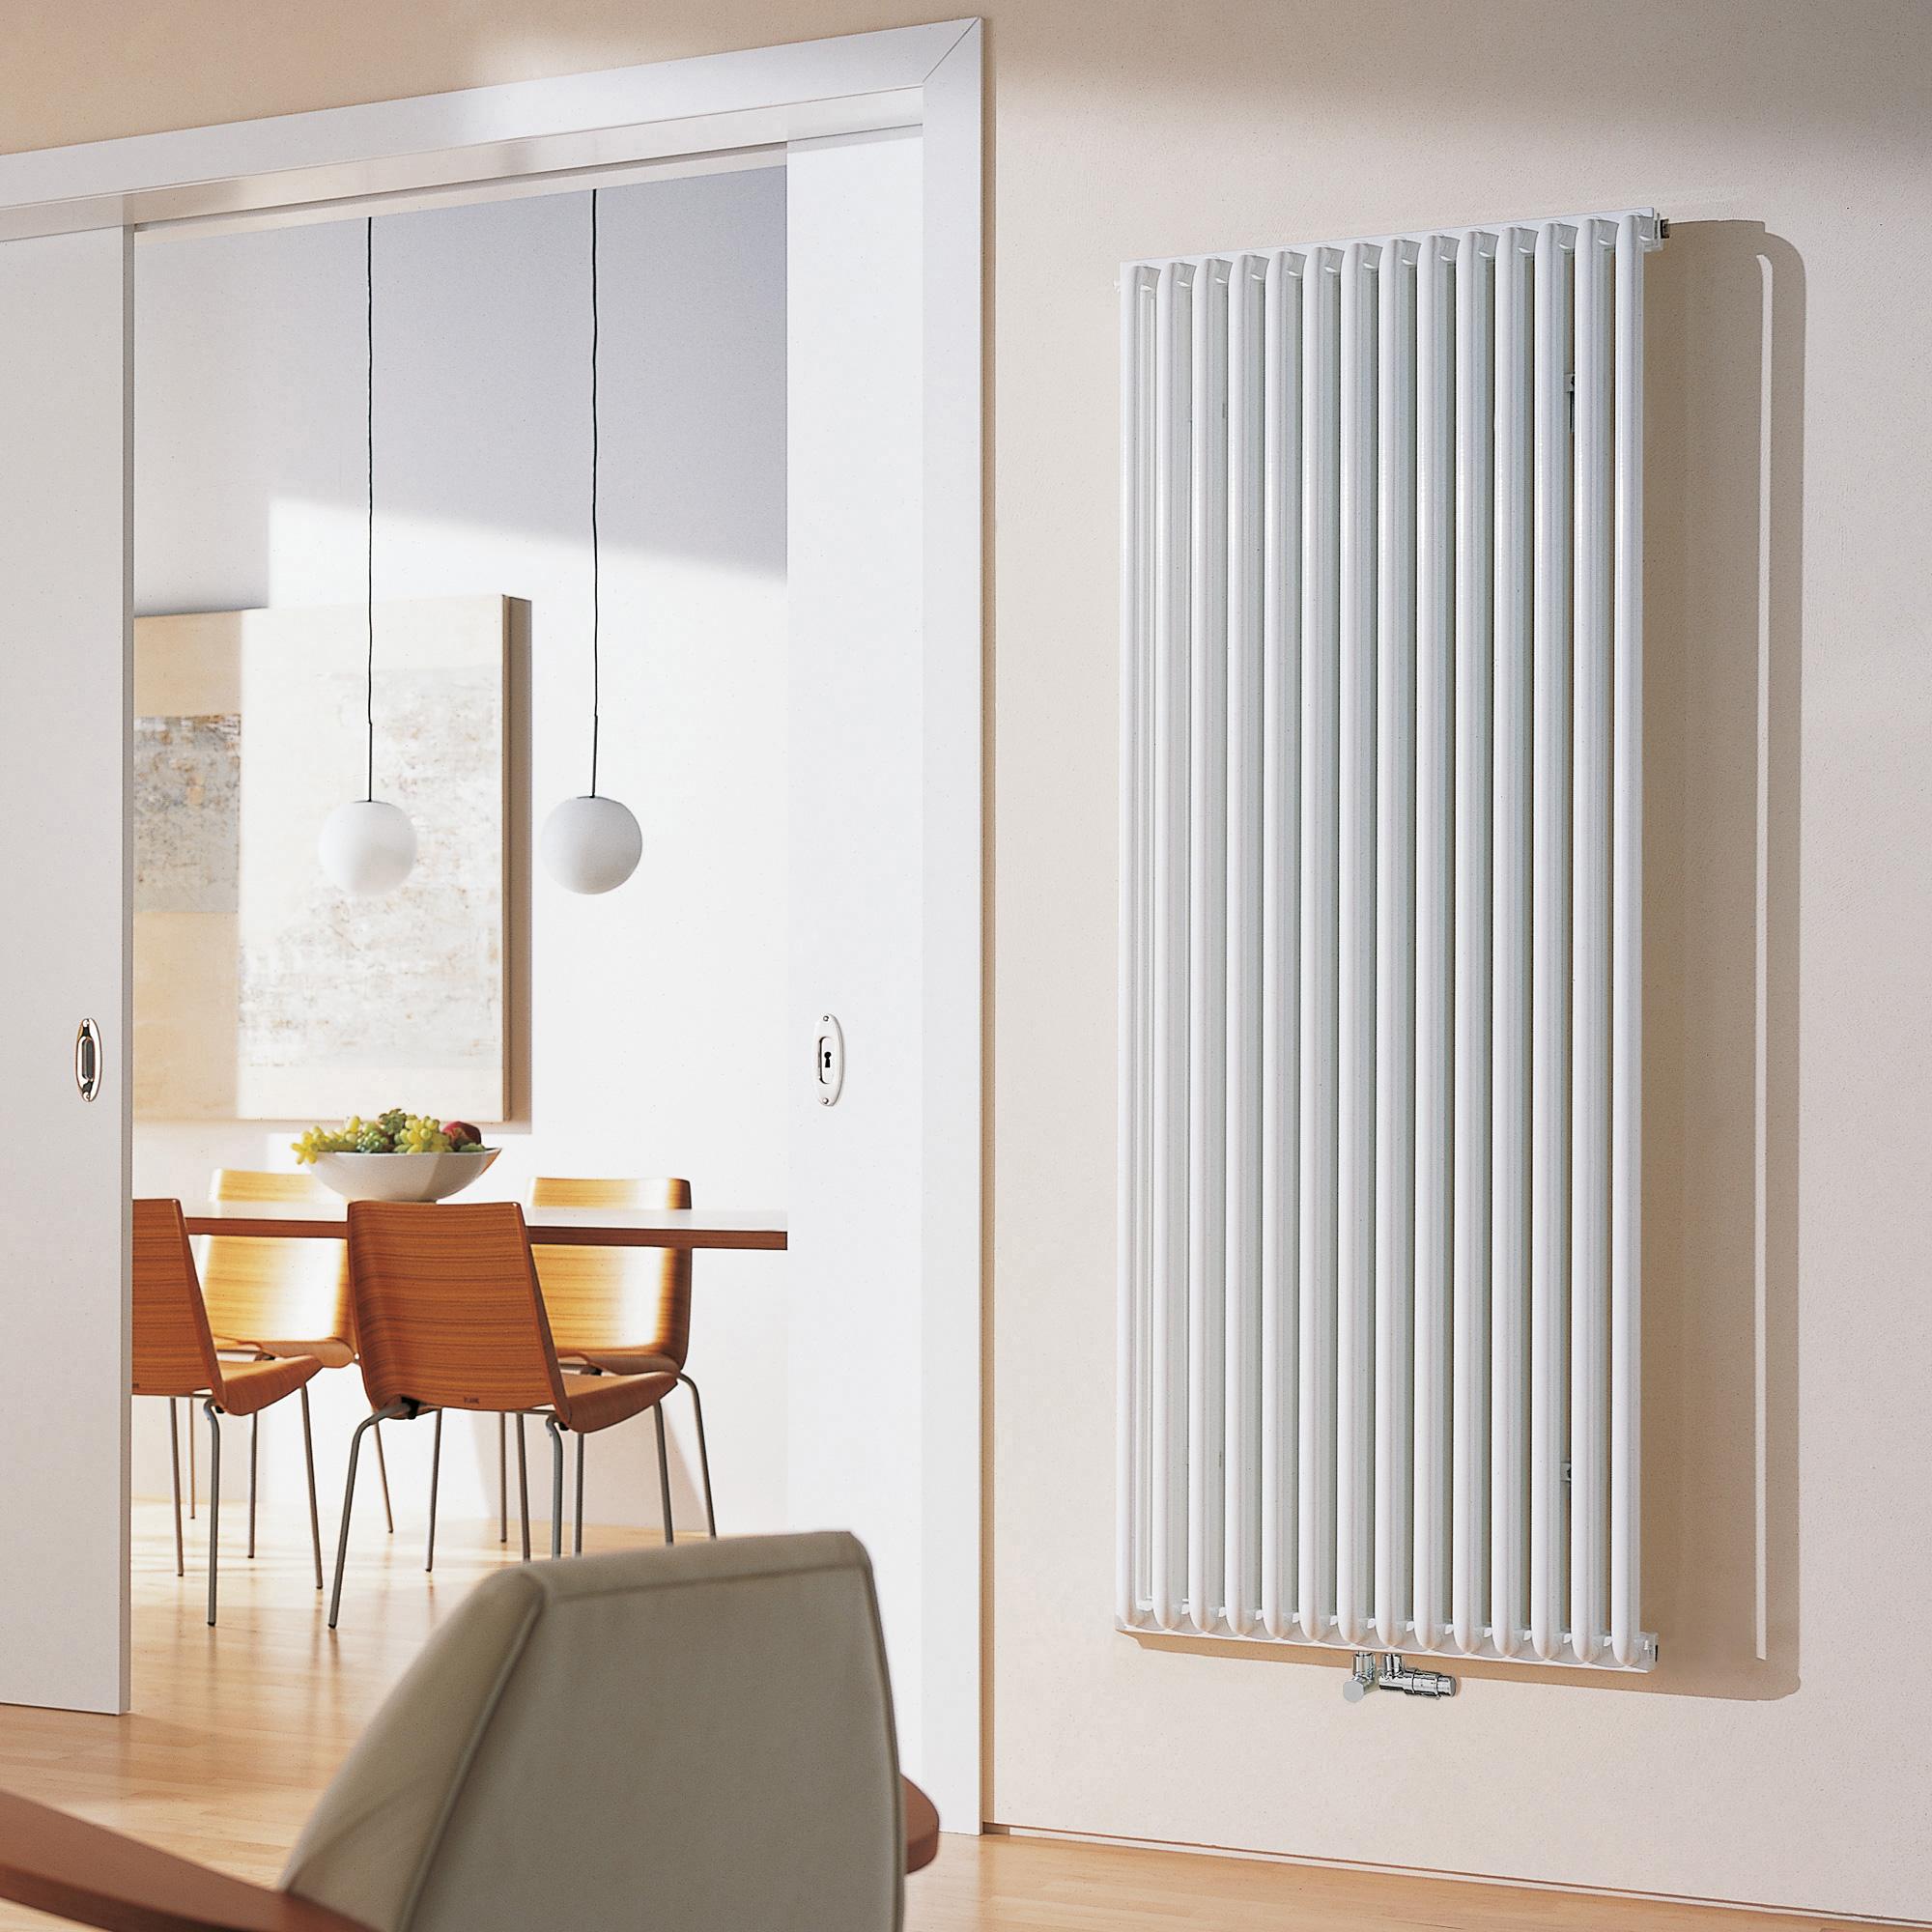 kermi decor s typ 21 heizk rper mit mittelanschluss wei b 46 h 180 cm 1330 watt. Black Bedroom Furniture Sets. Home Design Ideas